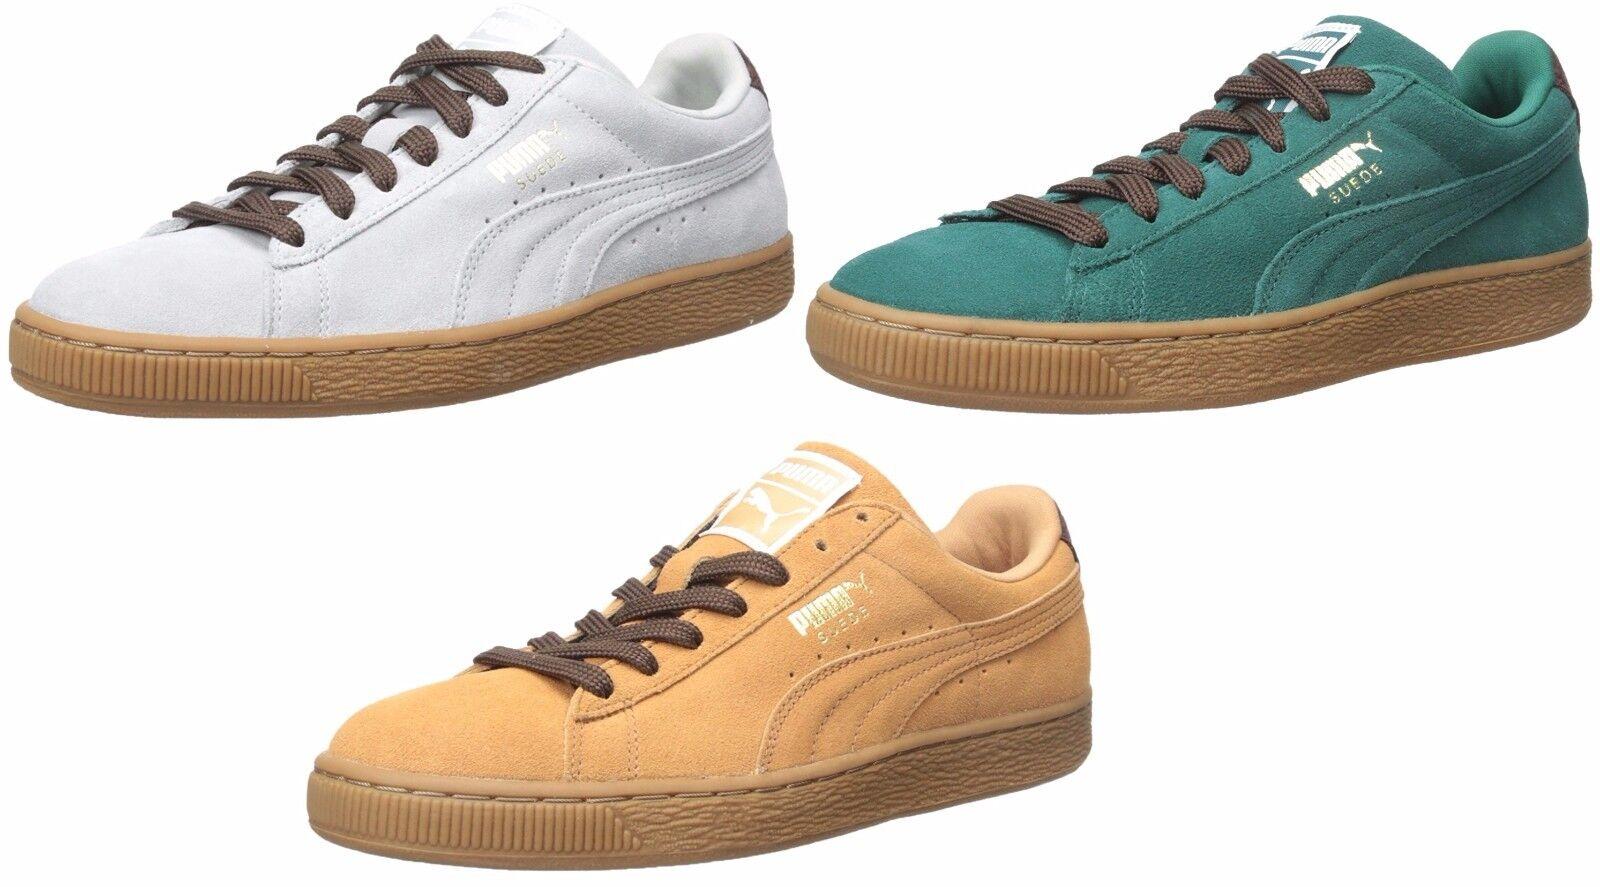 a094543d366779 PUMA Uomo Suede Classic Classic Classic Casual scarpe da ginnastica 51aaa6